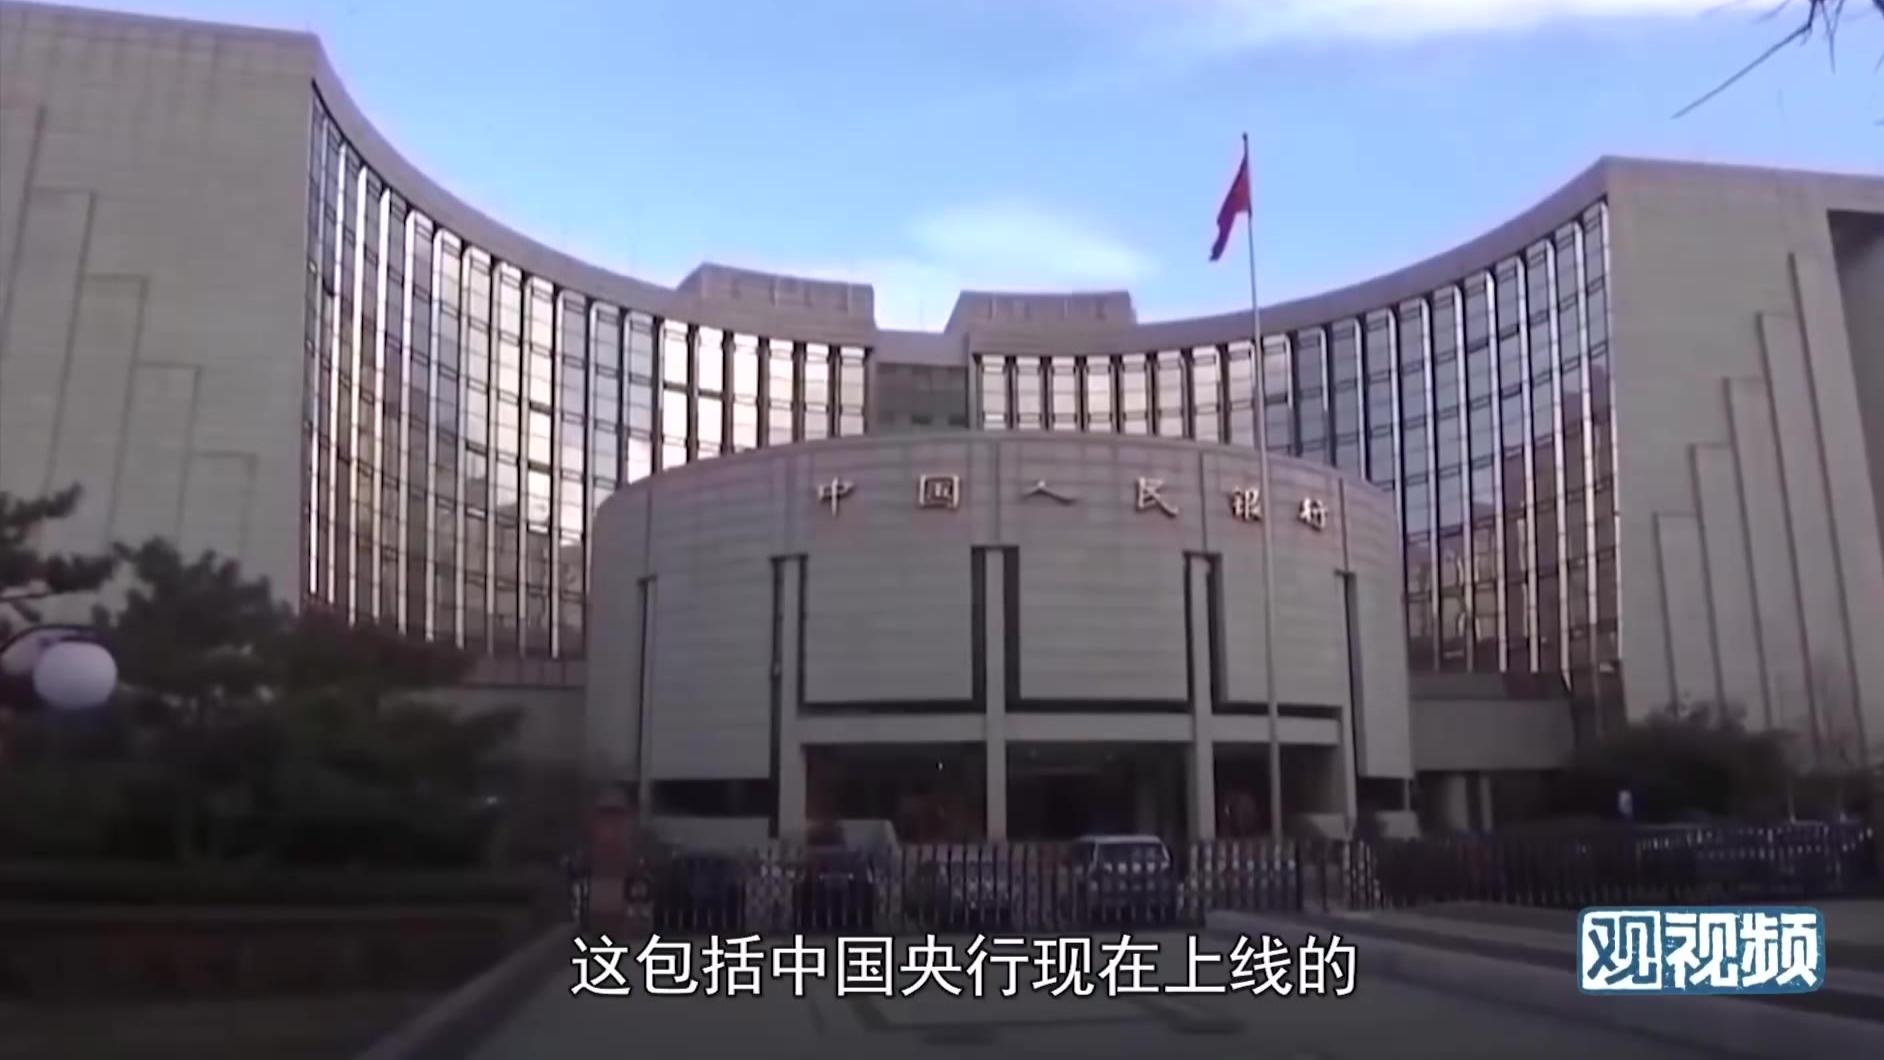 王文:去美元化已成现实!这次中国使用了什么绝招?